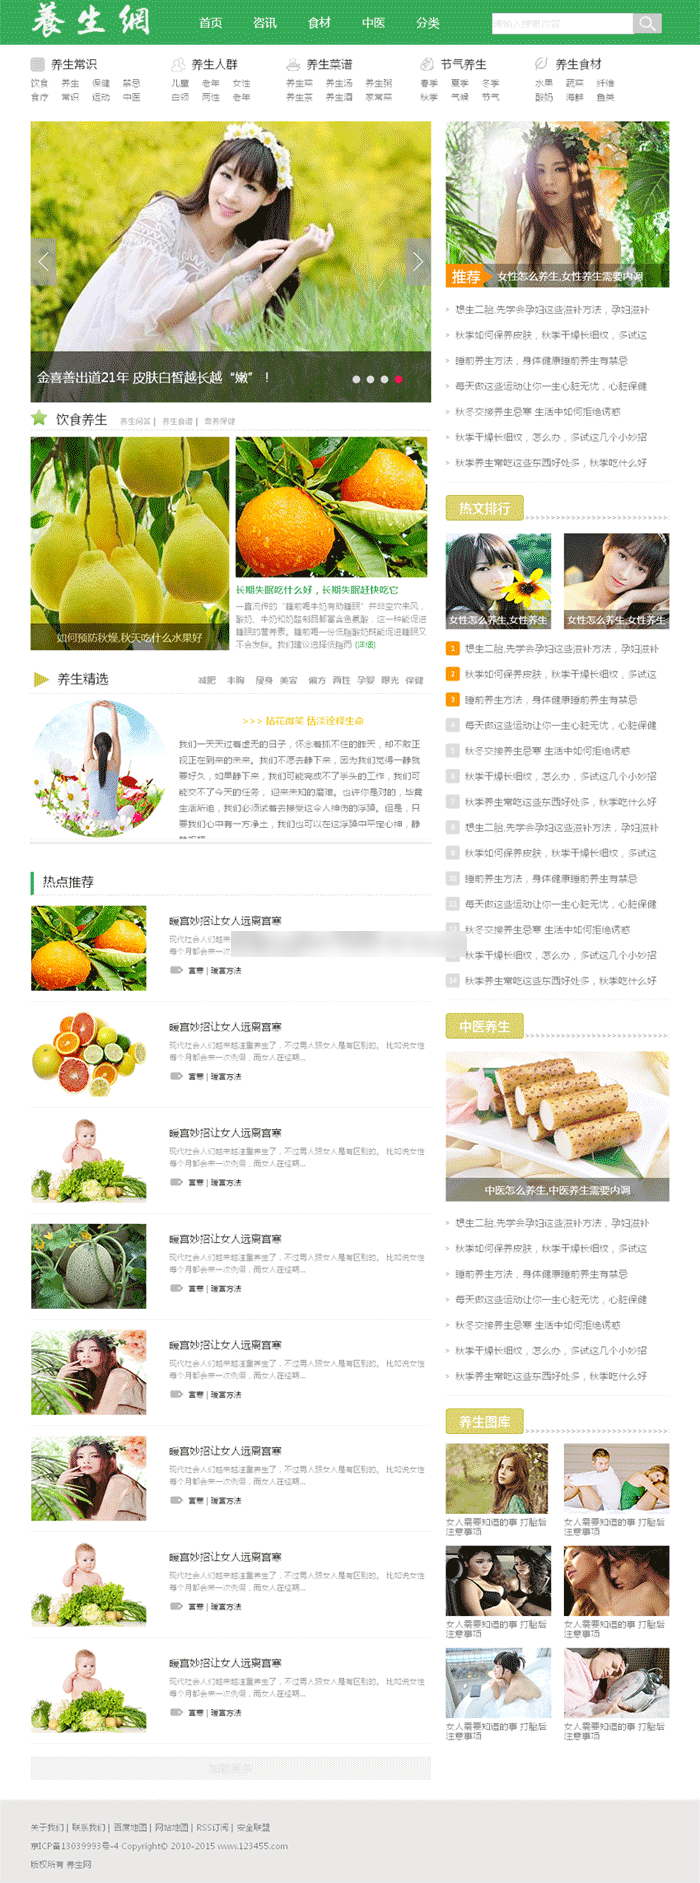 绿色的养生资讯网站模板html源码